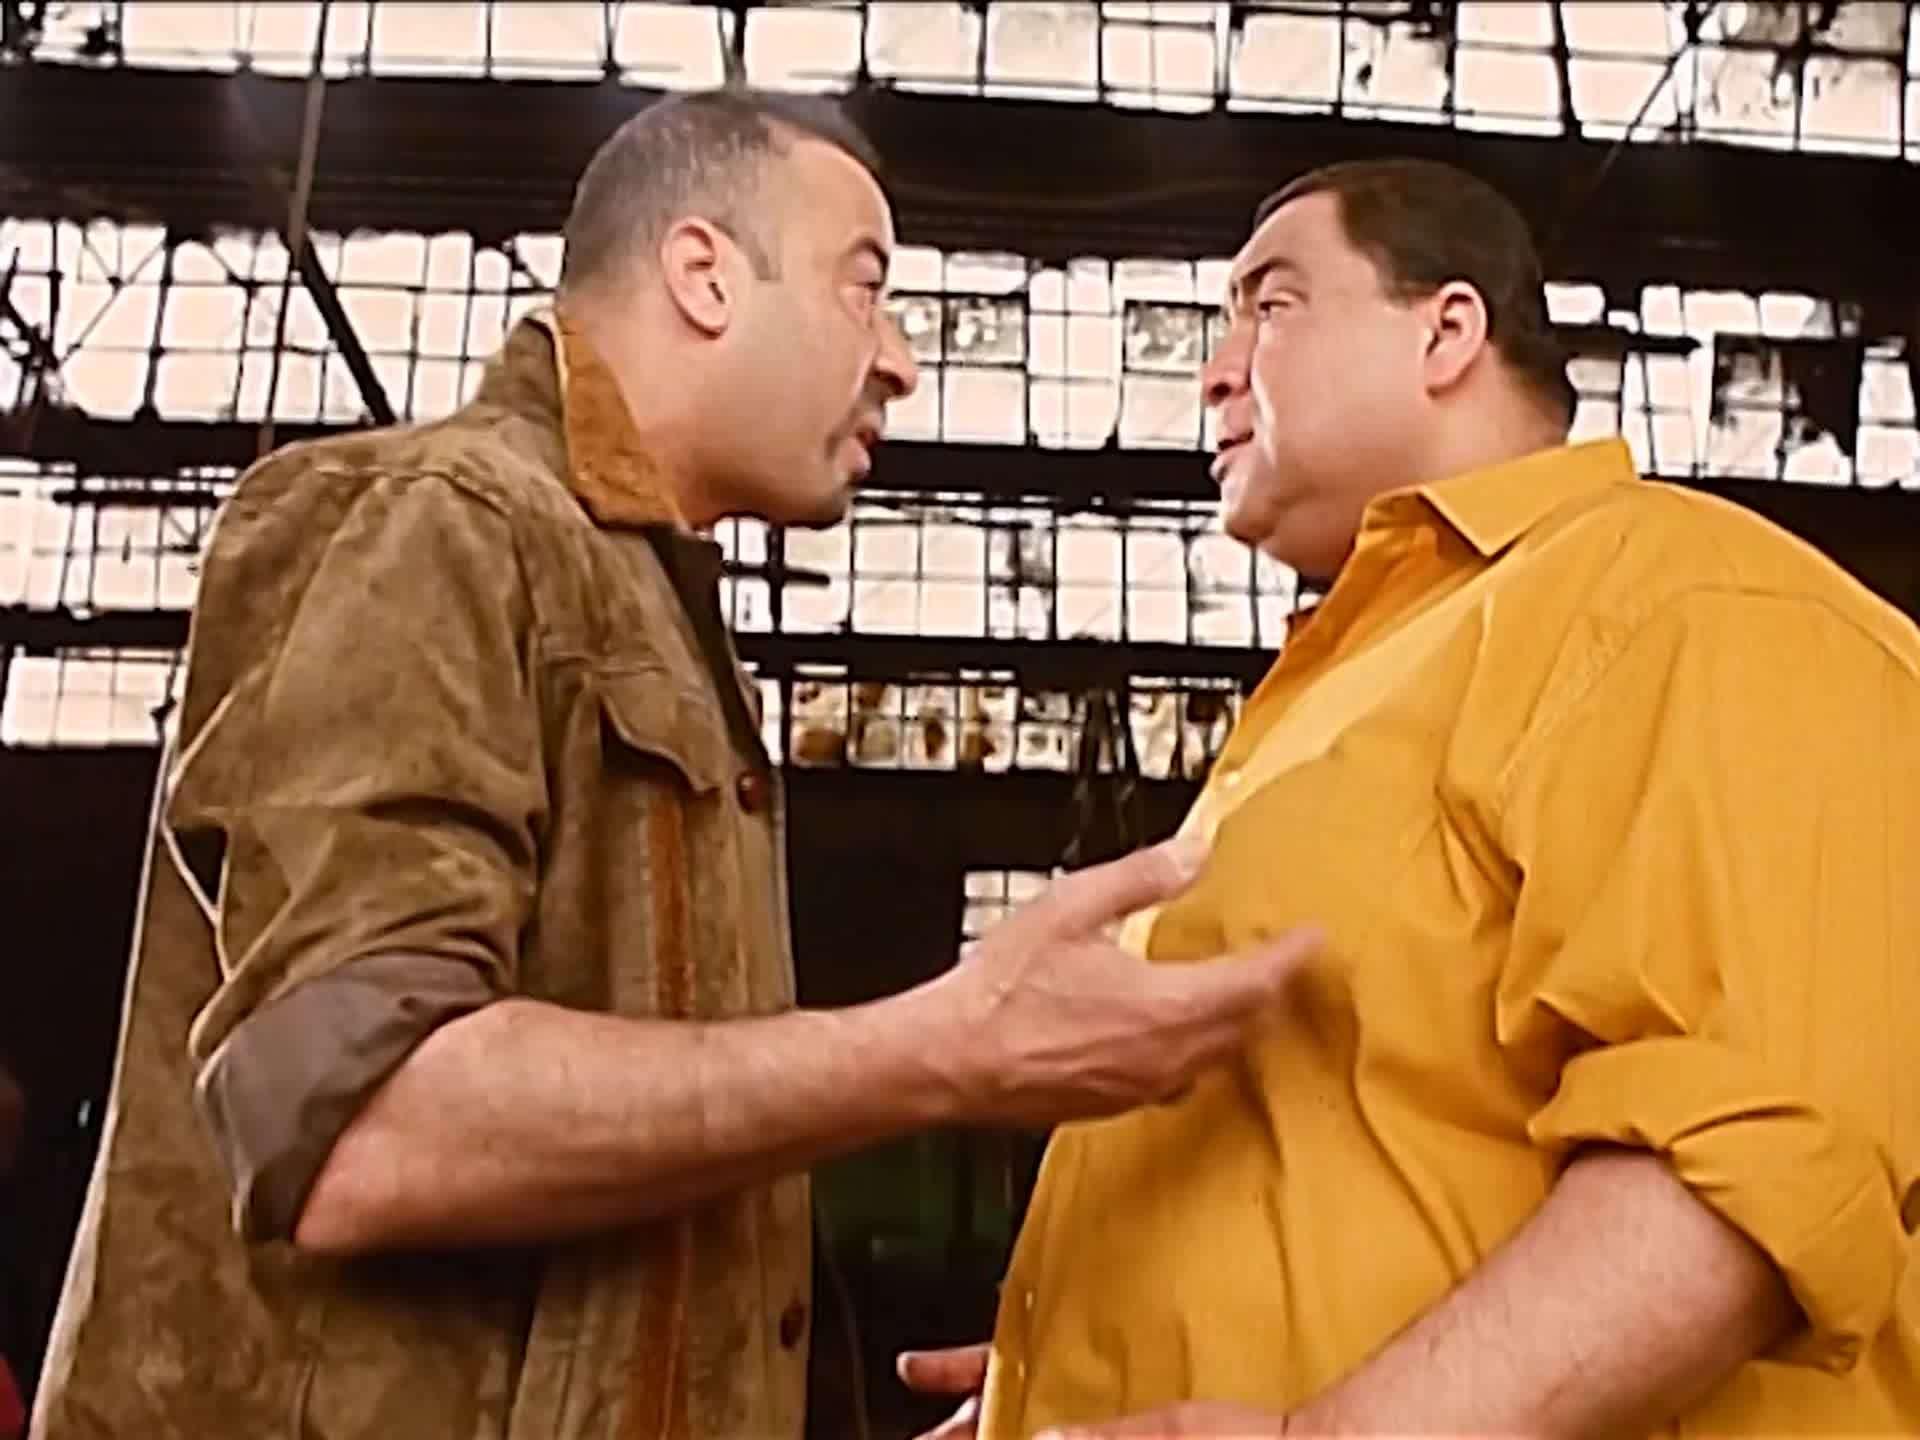 [فيلم][تورنت][تحميل][الناظر][2000][1080p][Web-DL] 16 arabp2p.com